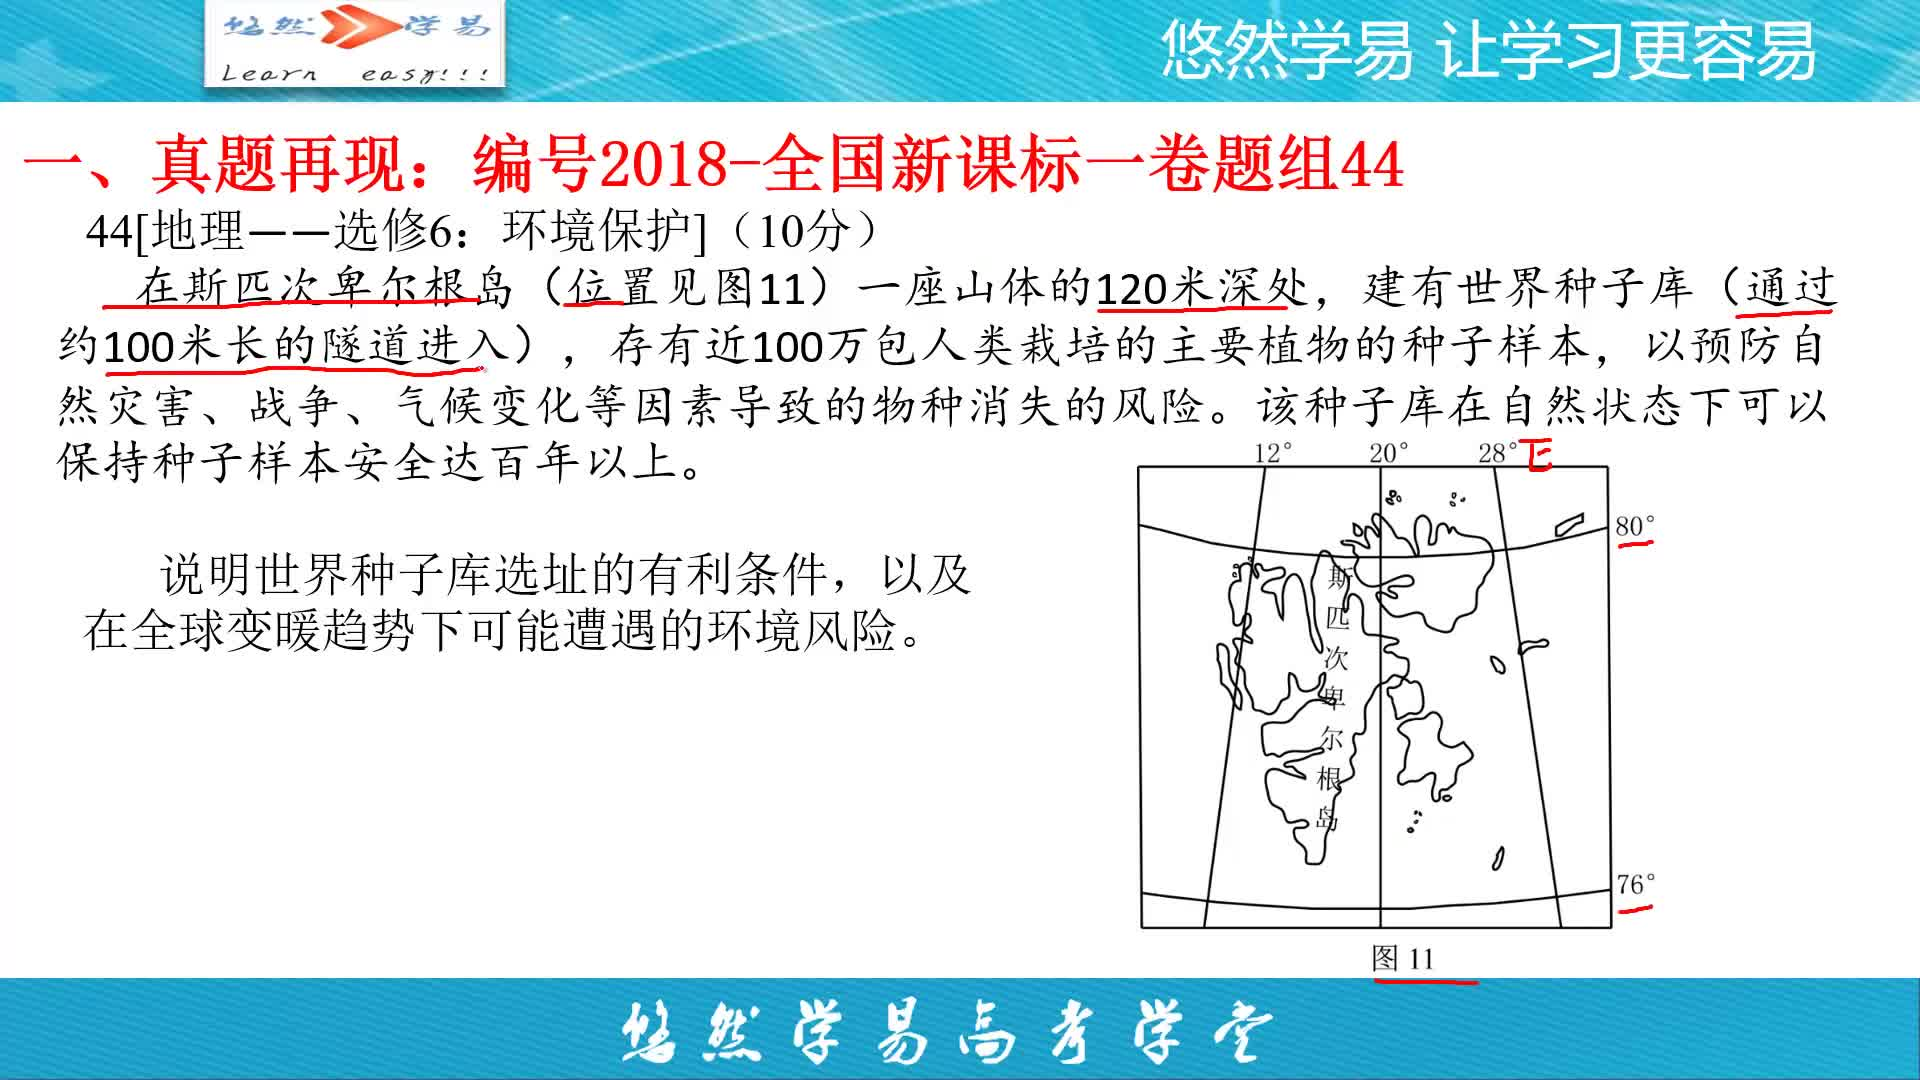 選修環境保護第44題-【地理老馬講高考真題】系列第九季2018年高考地理新課標一卷